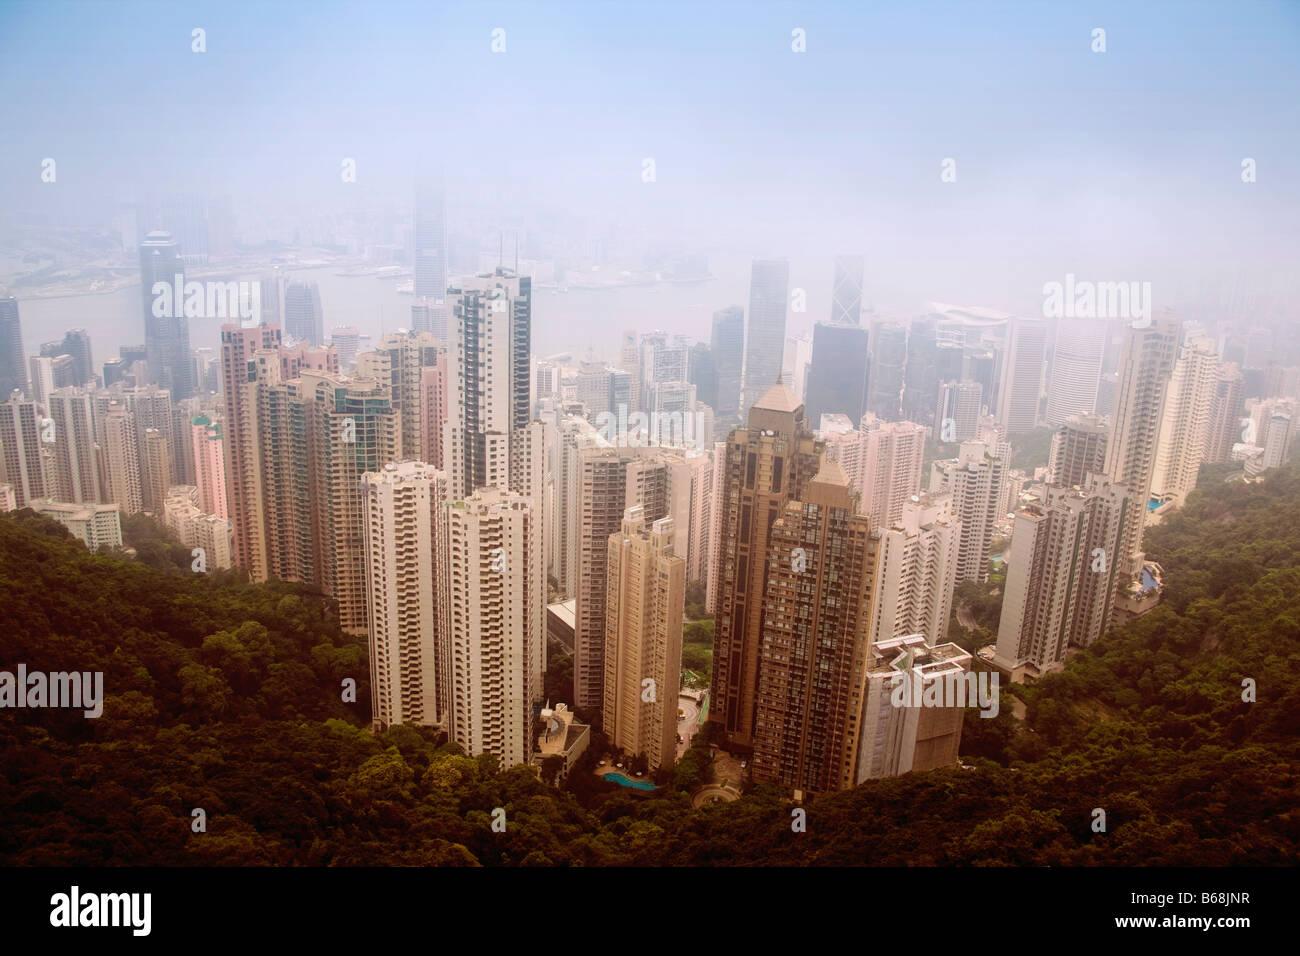 Luftaufnahme von Wolkenkratzern in einer Stadt, Hong Kong Island, Hongkong, China Stockbild